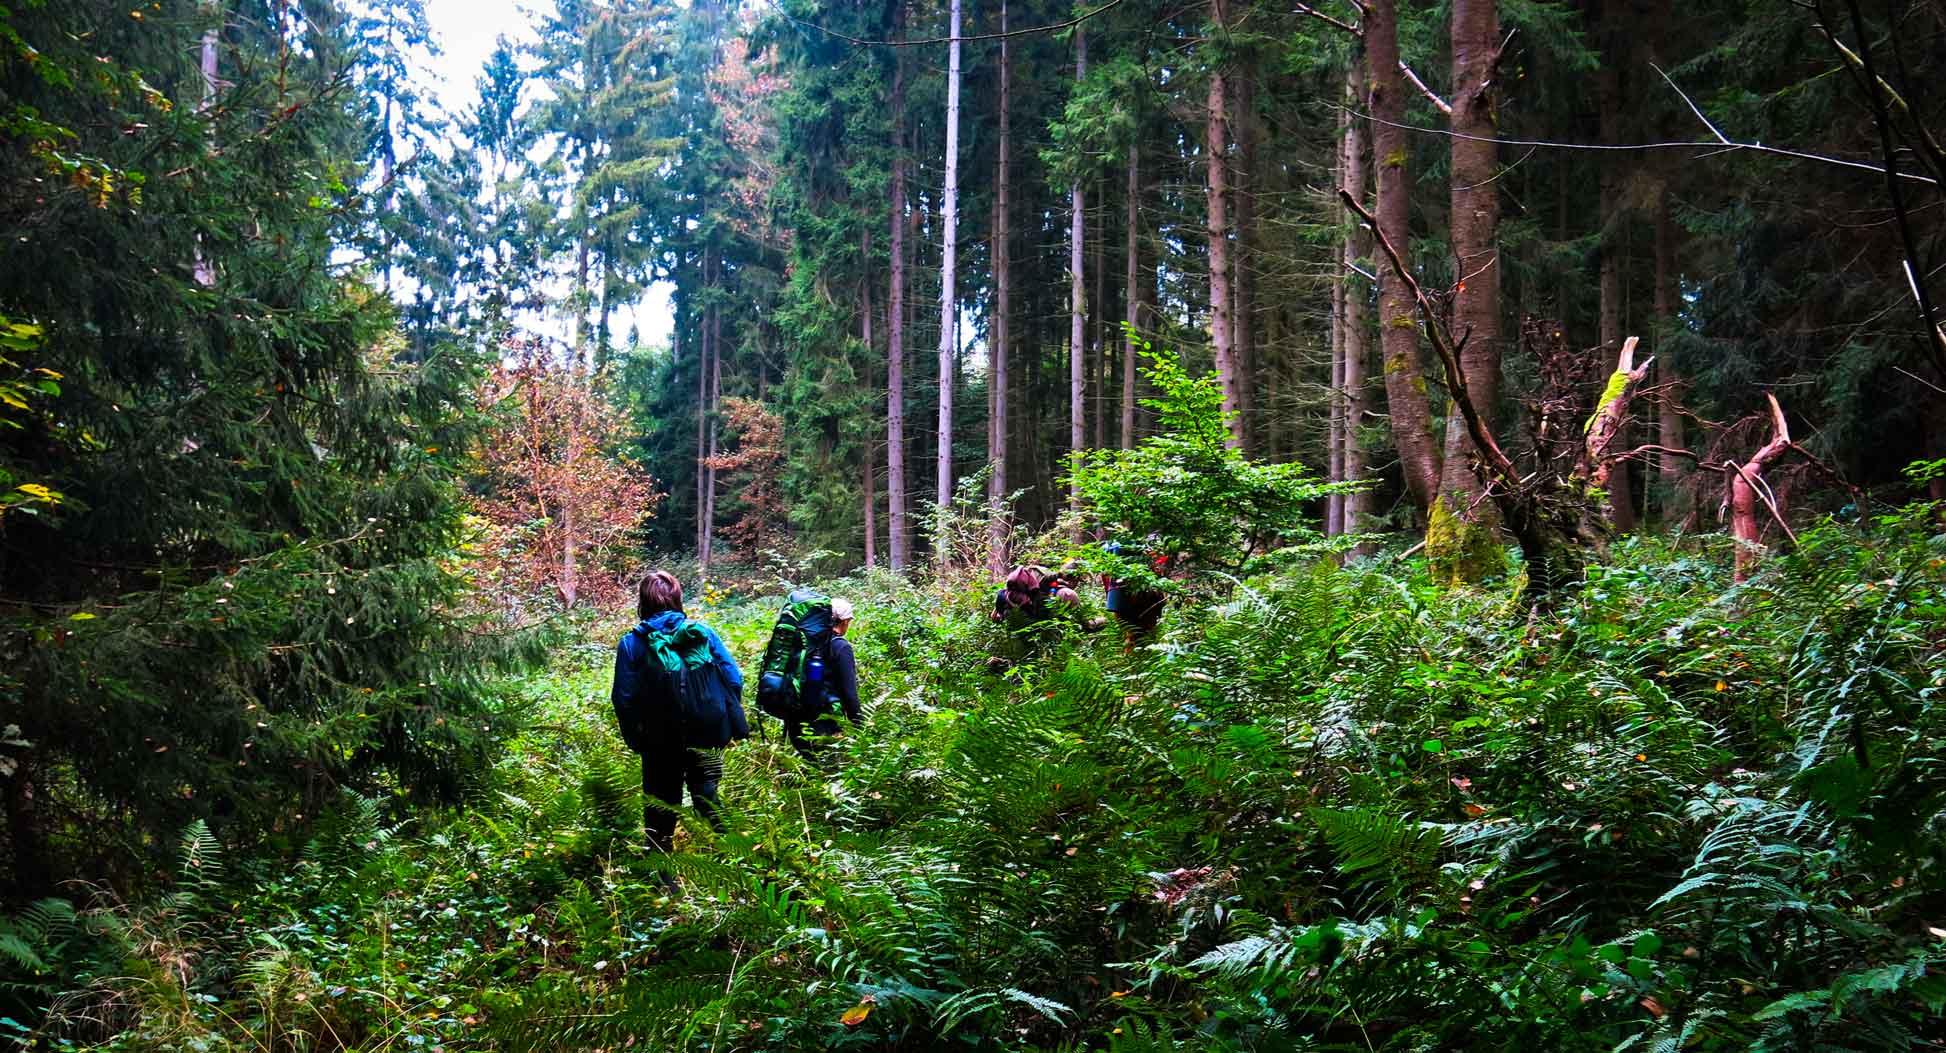 Outdoor Trekking Guide Ausbildung Wandern in waldreichen Gebieten